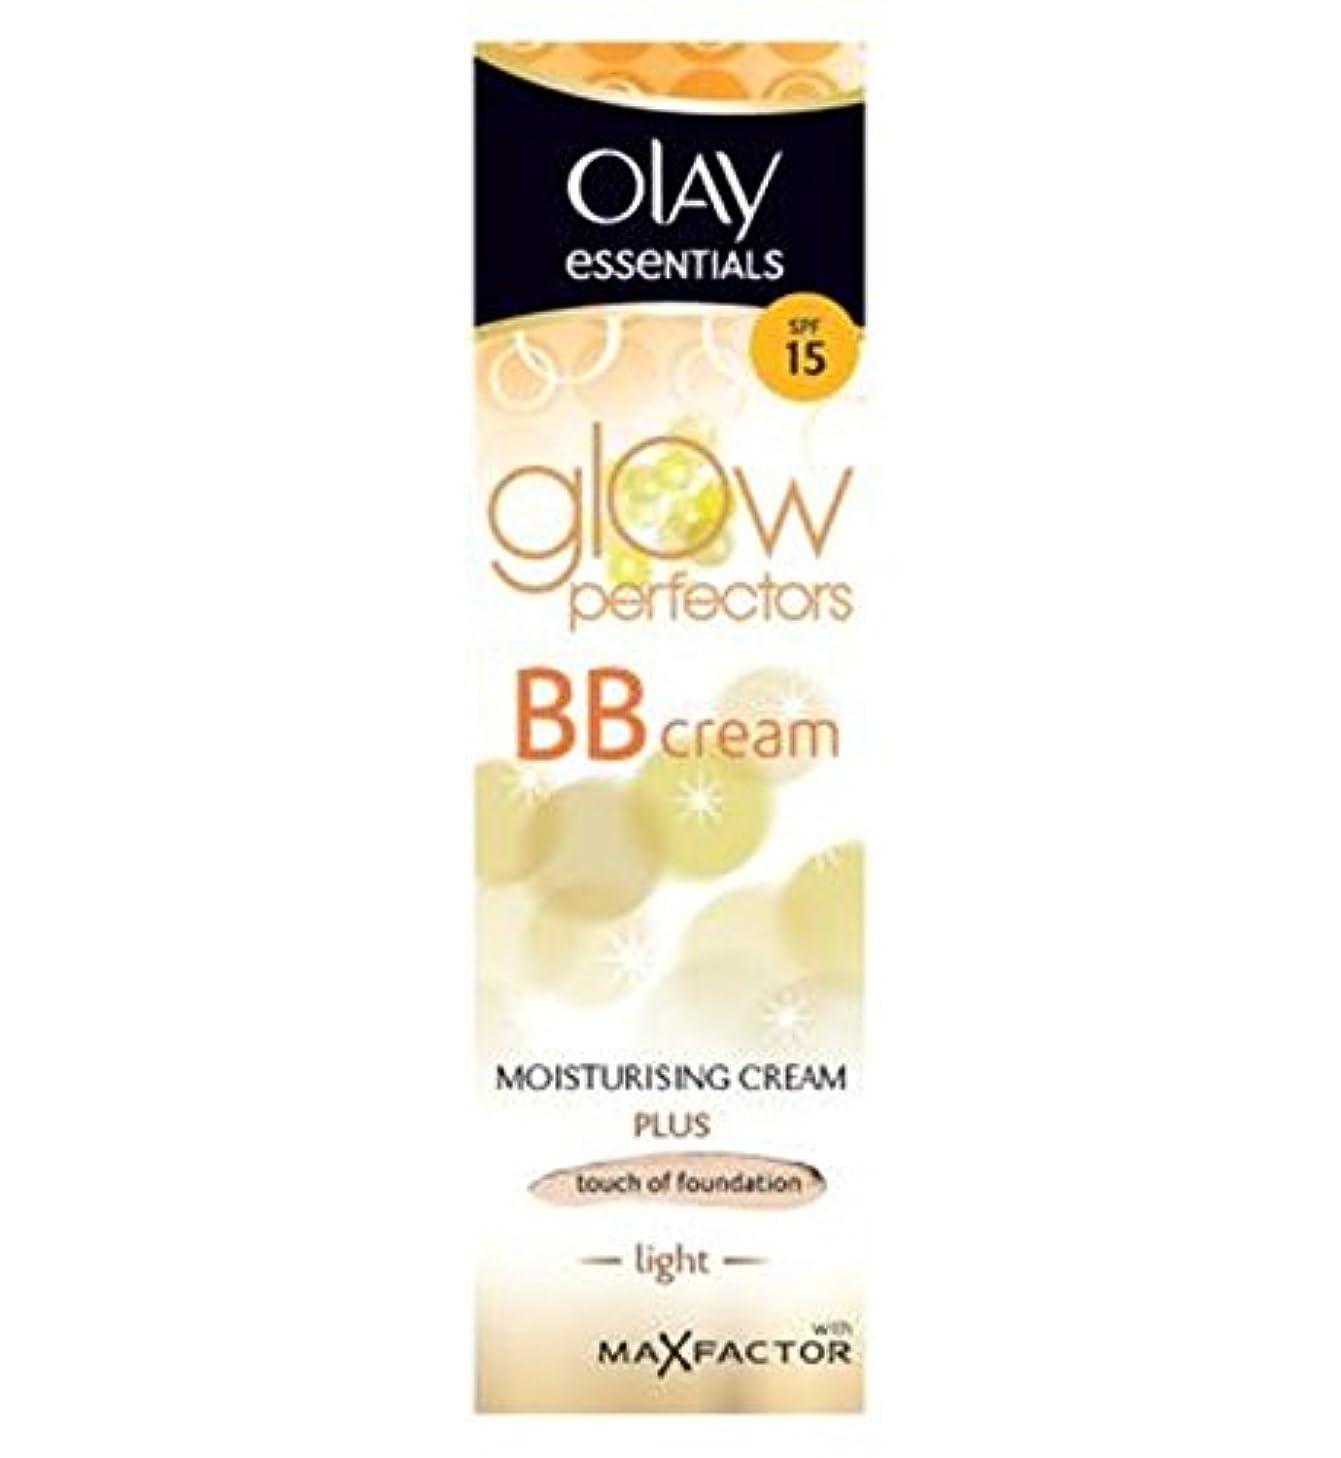 野生スクラップブックぐったり着色保湿50ミリリットルを完成オーレイ完全なBbクリームSpf15スキン - フェア (Olay) (x2) - Olay Complete BB Cream SPF15 Skin Perfecting Tinted Moisturiser...